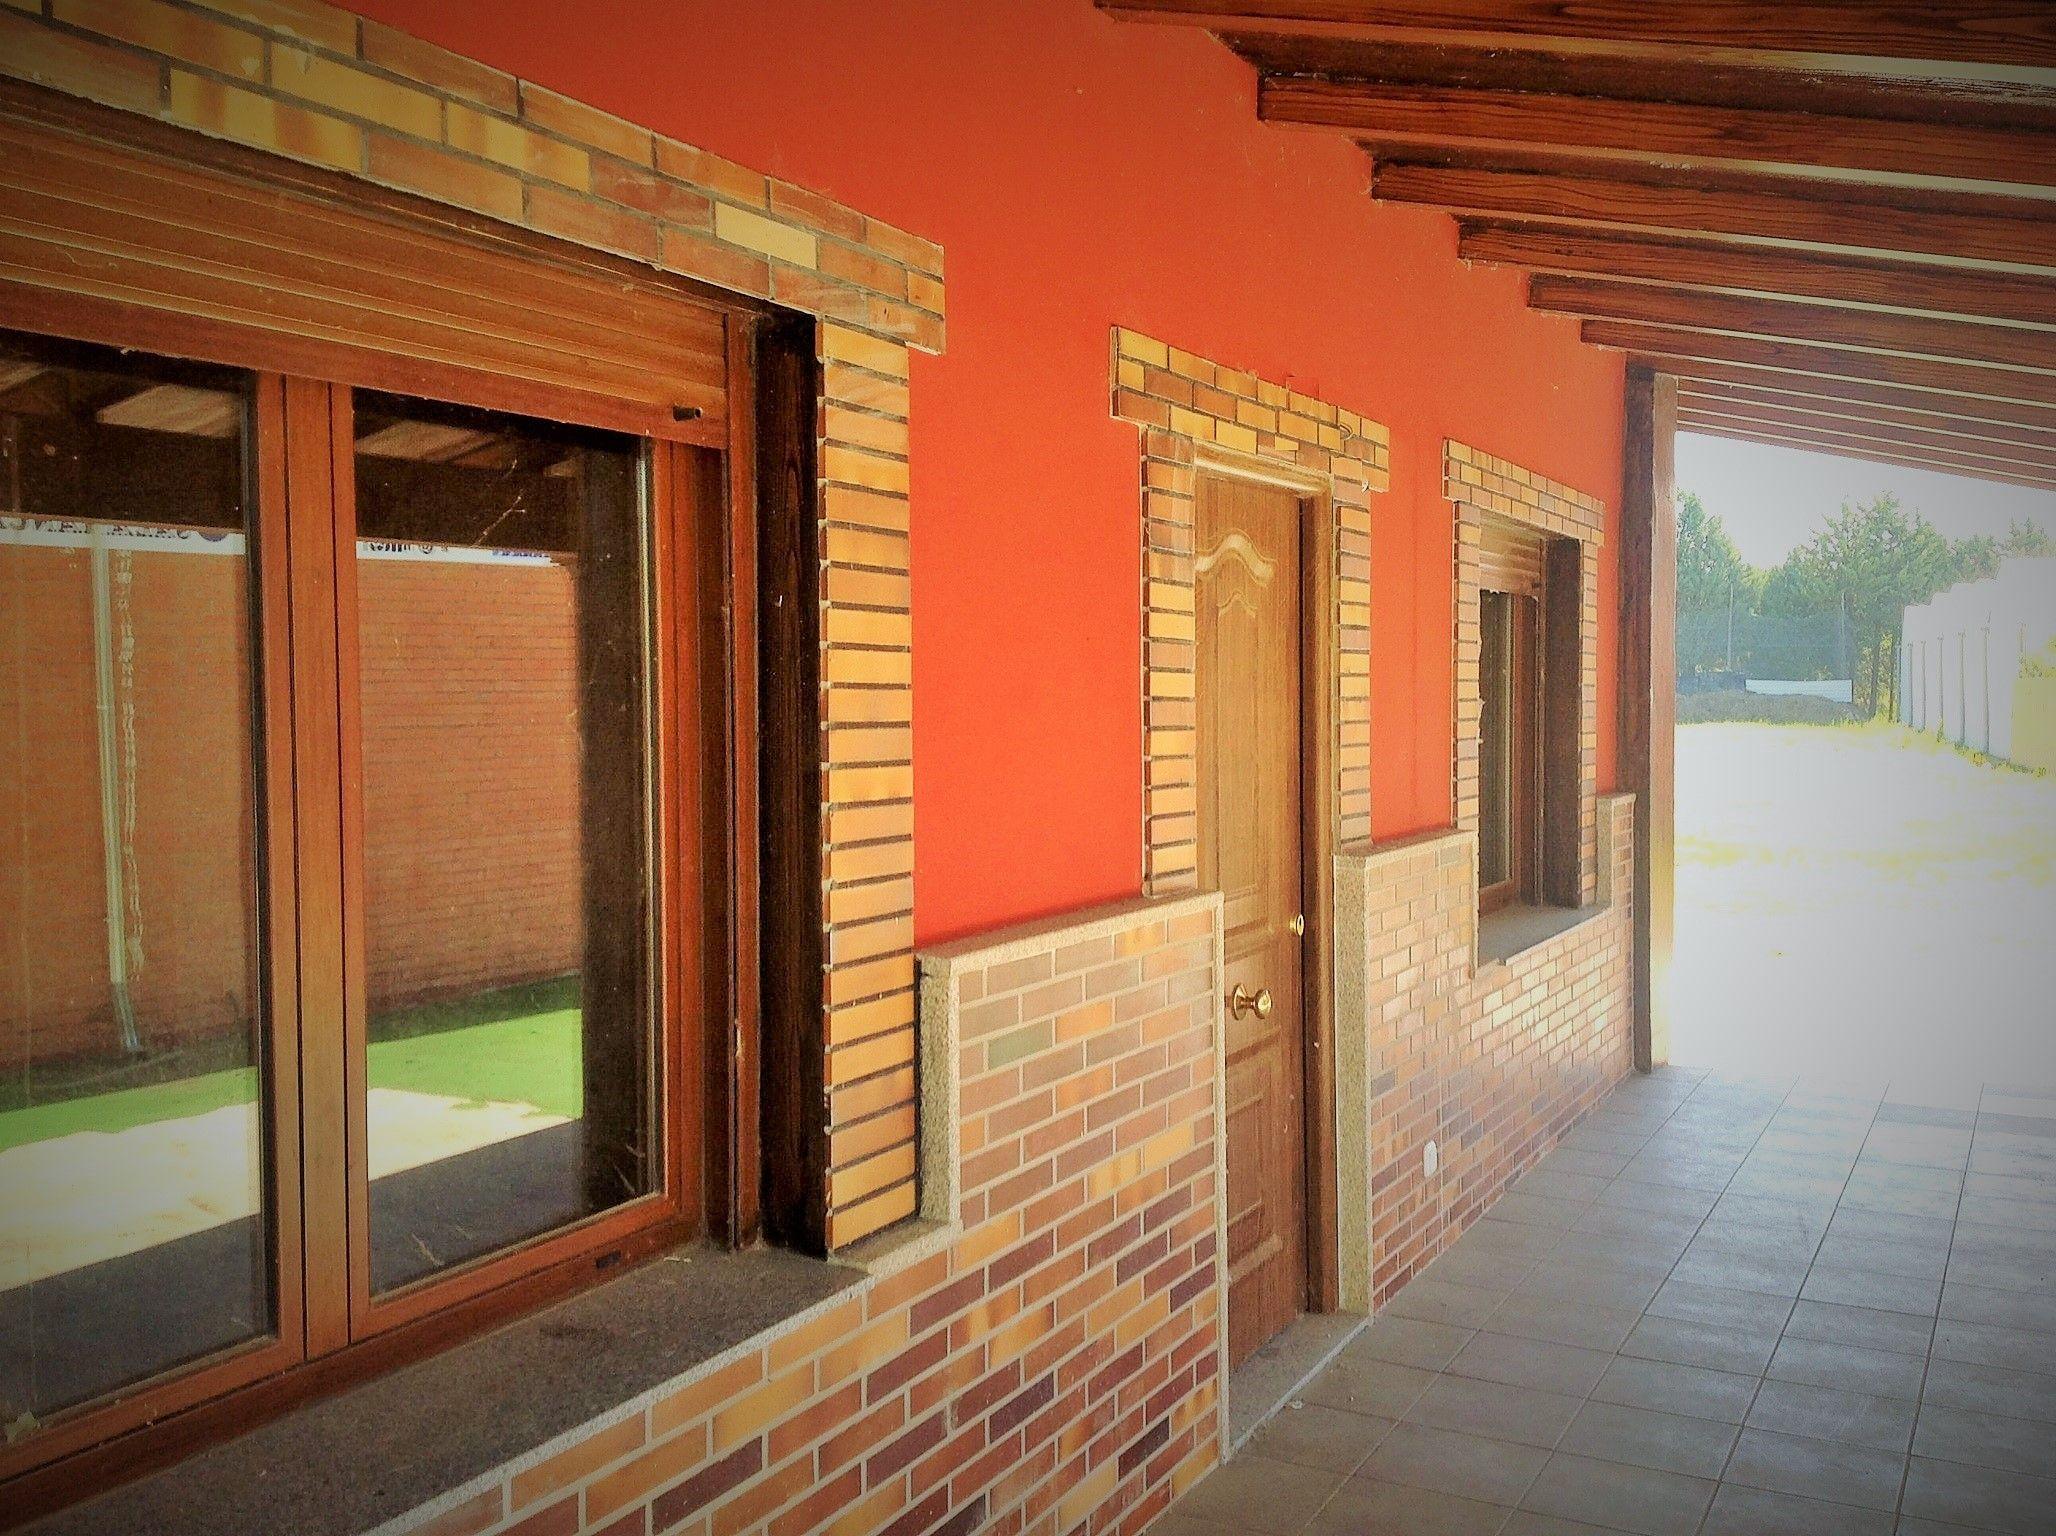 acabado exterior de una de nuestras casas prefabricadas acabado liso con zocalo de piedra - Zocalos De Piedra